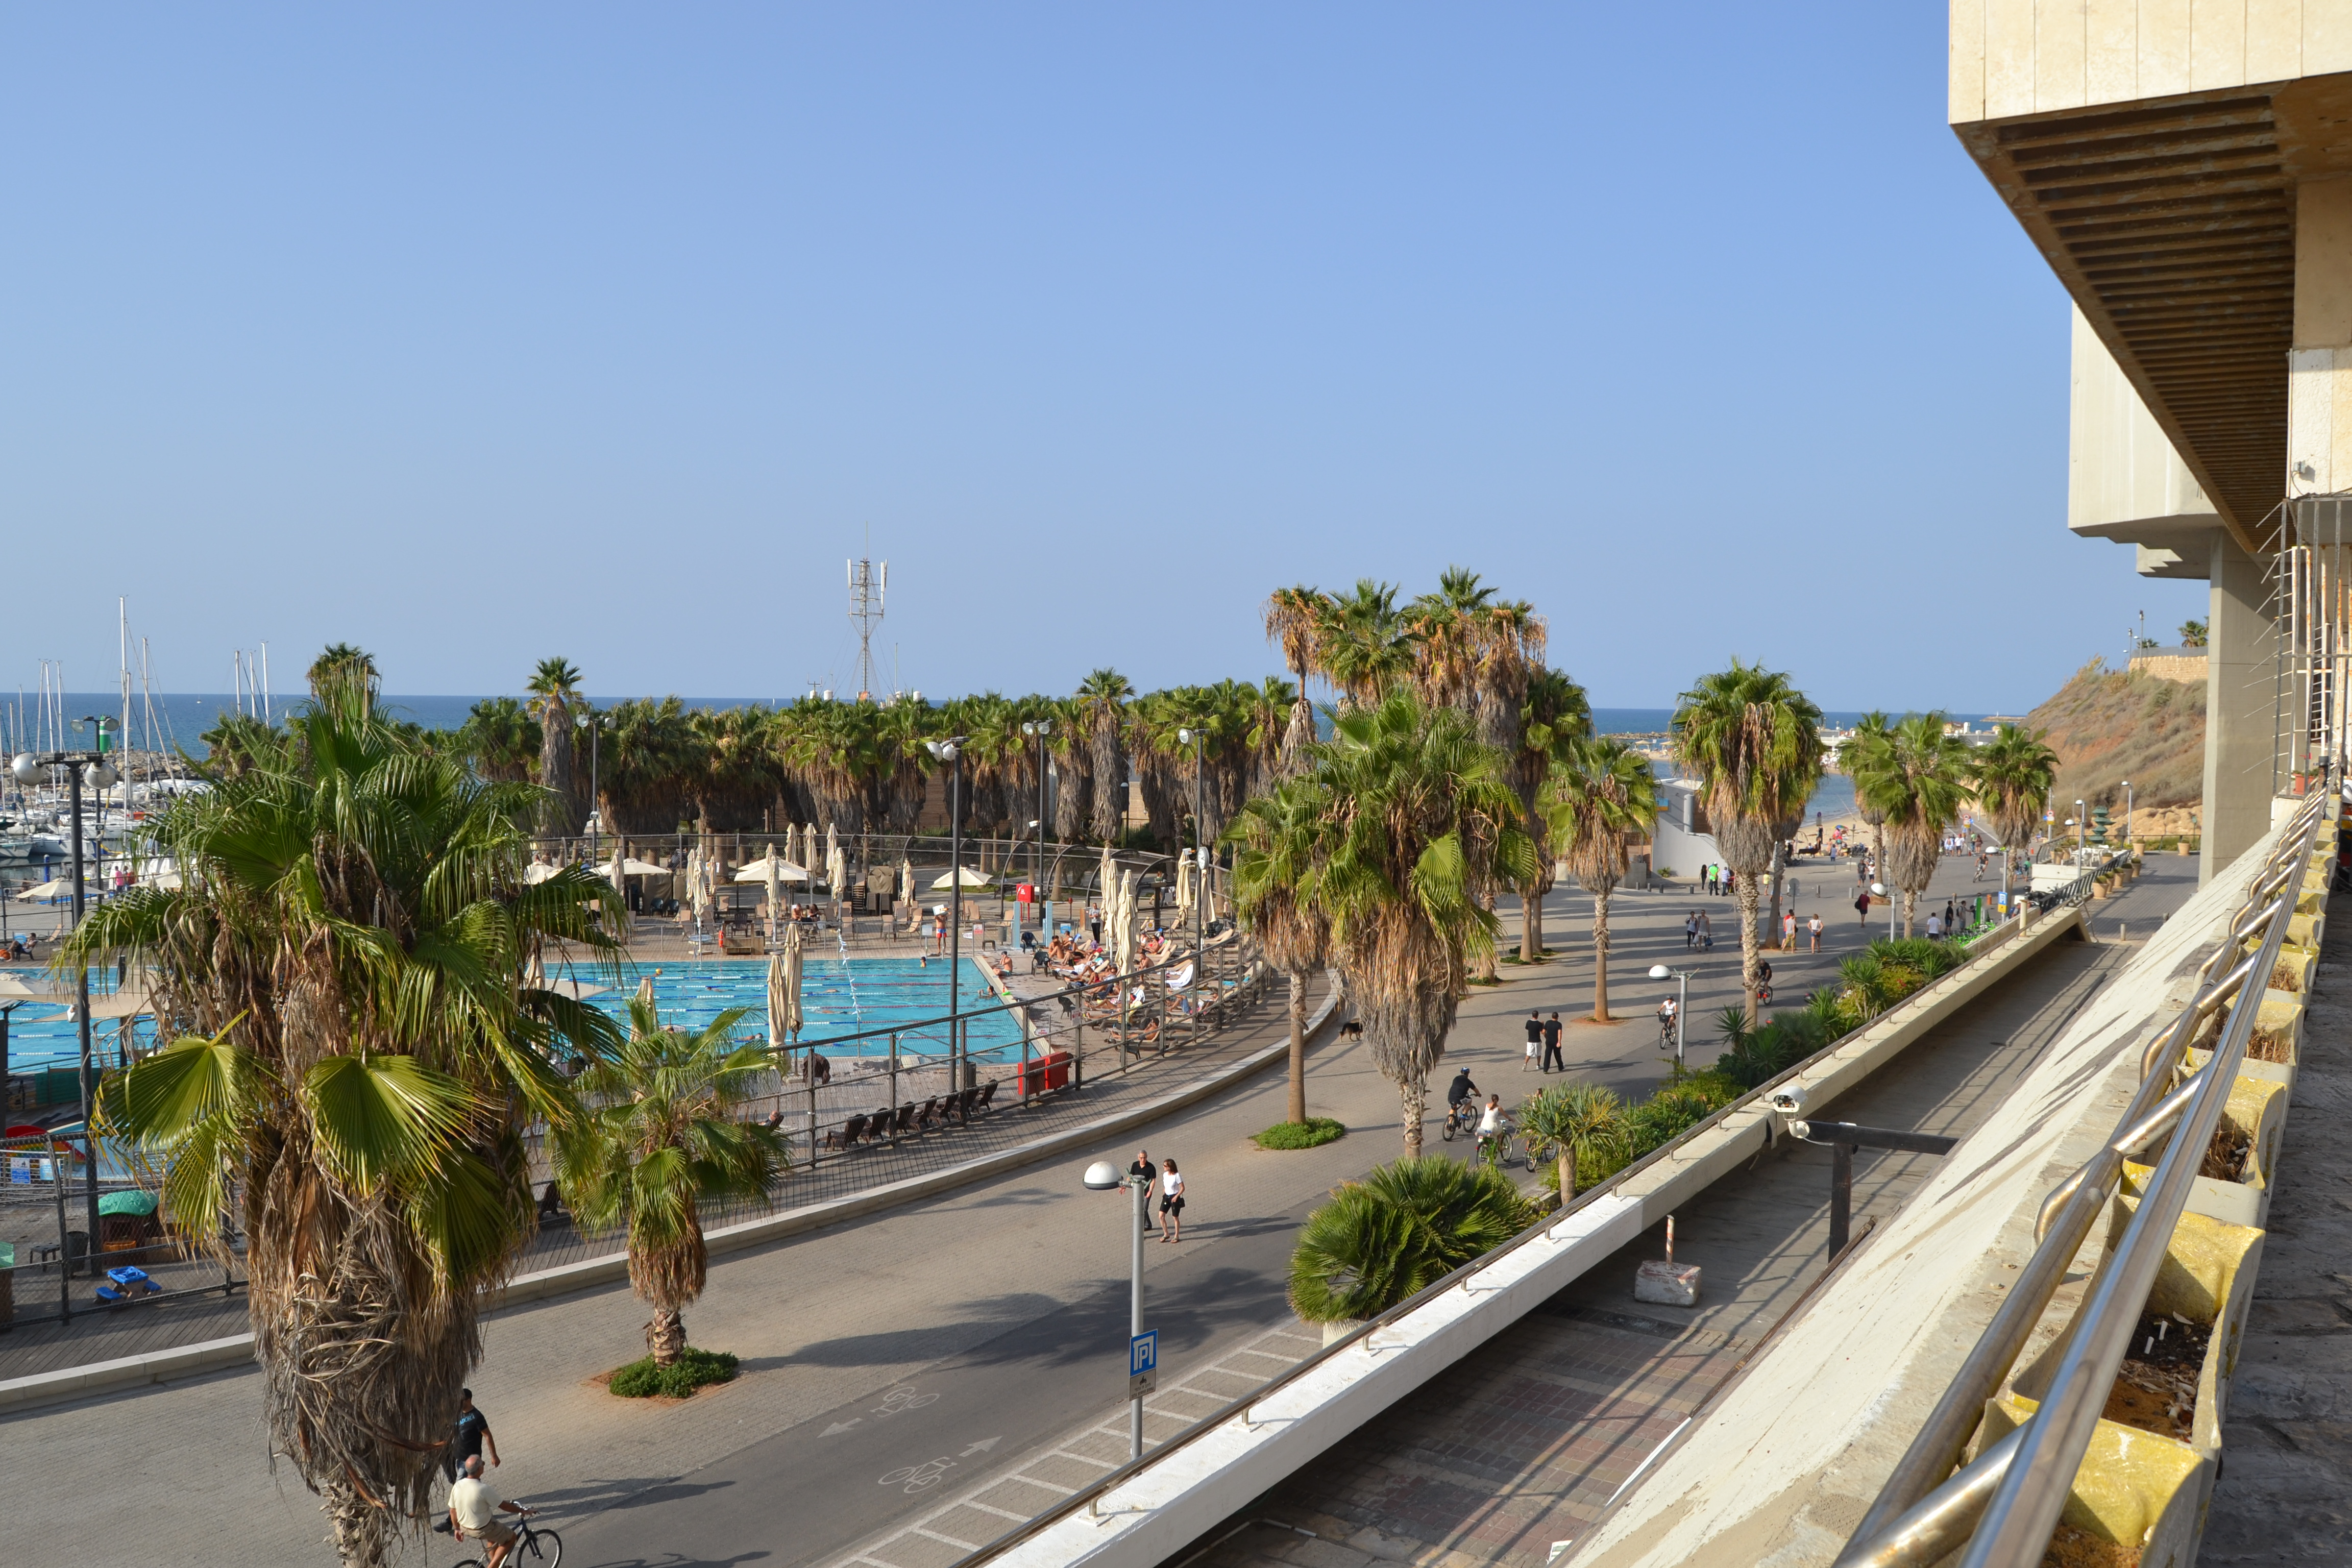 """פנינת נדל""""ן על רצועת החוף. הנוף מכיכר אתרים לטיילת, תל אביב. צילום: שלי חפץ"""